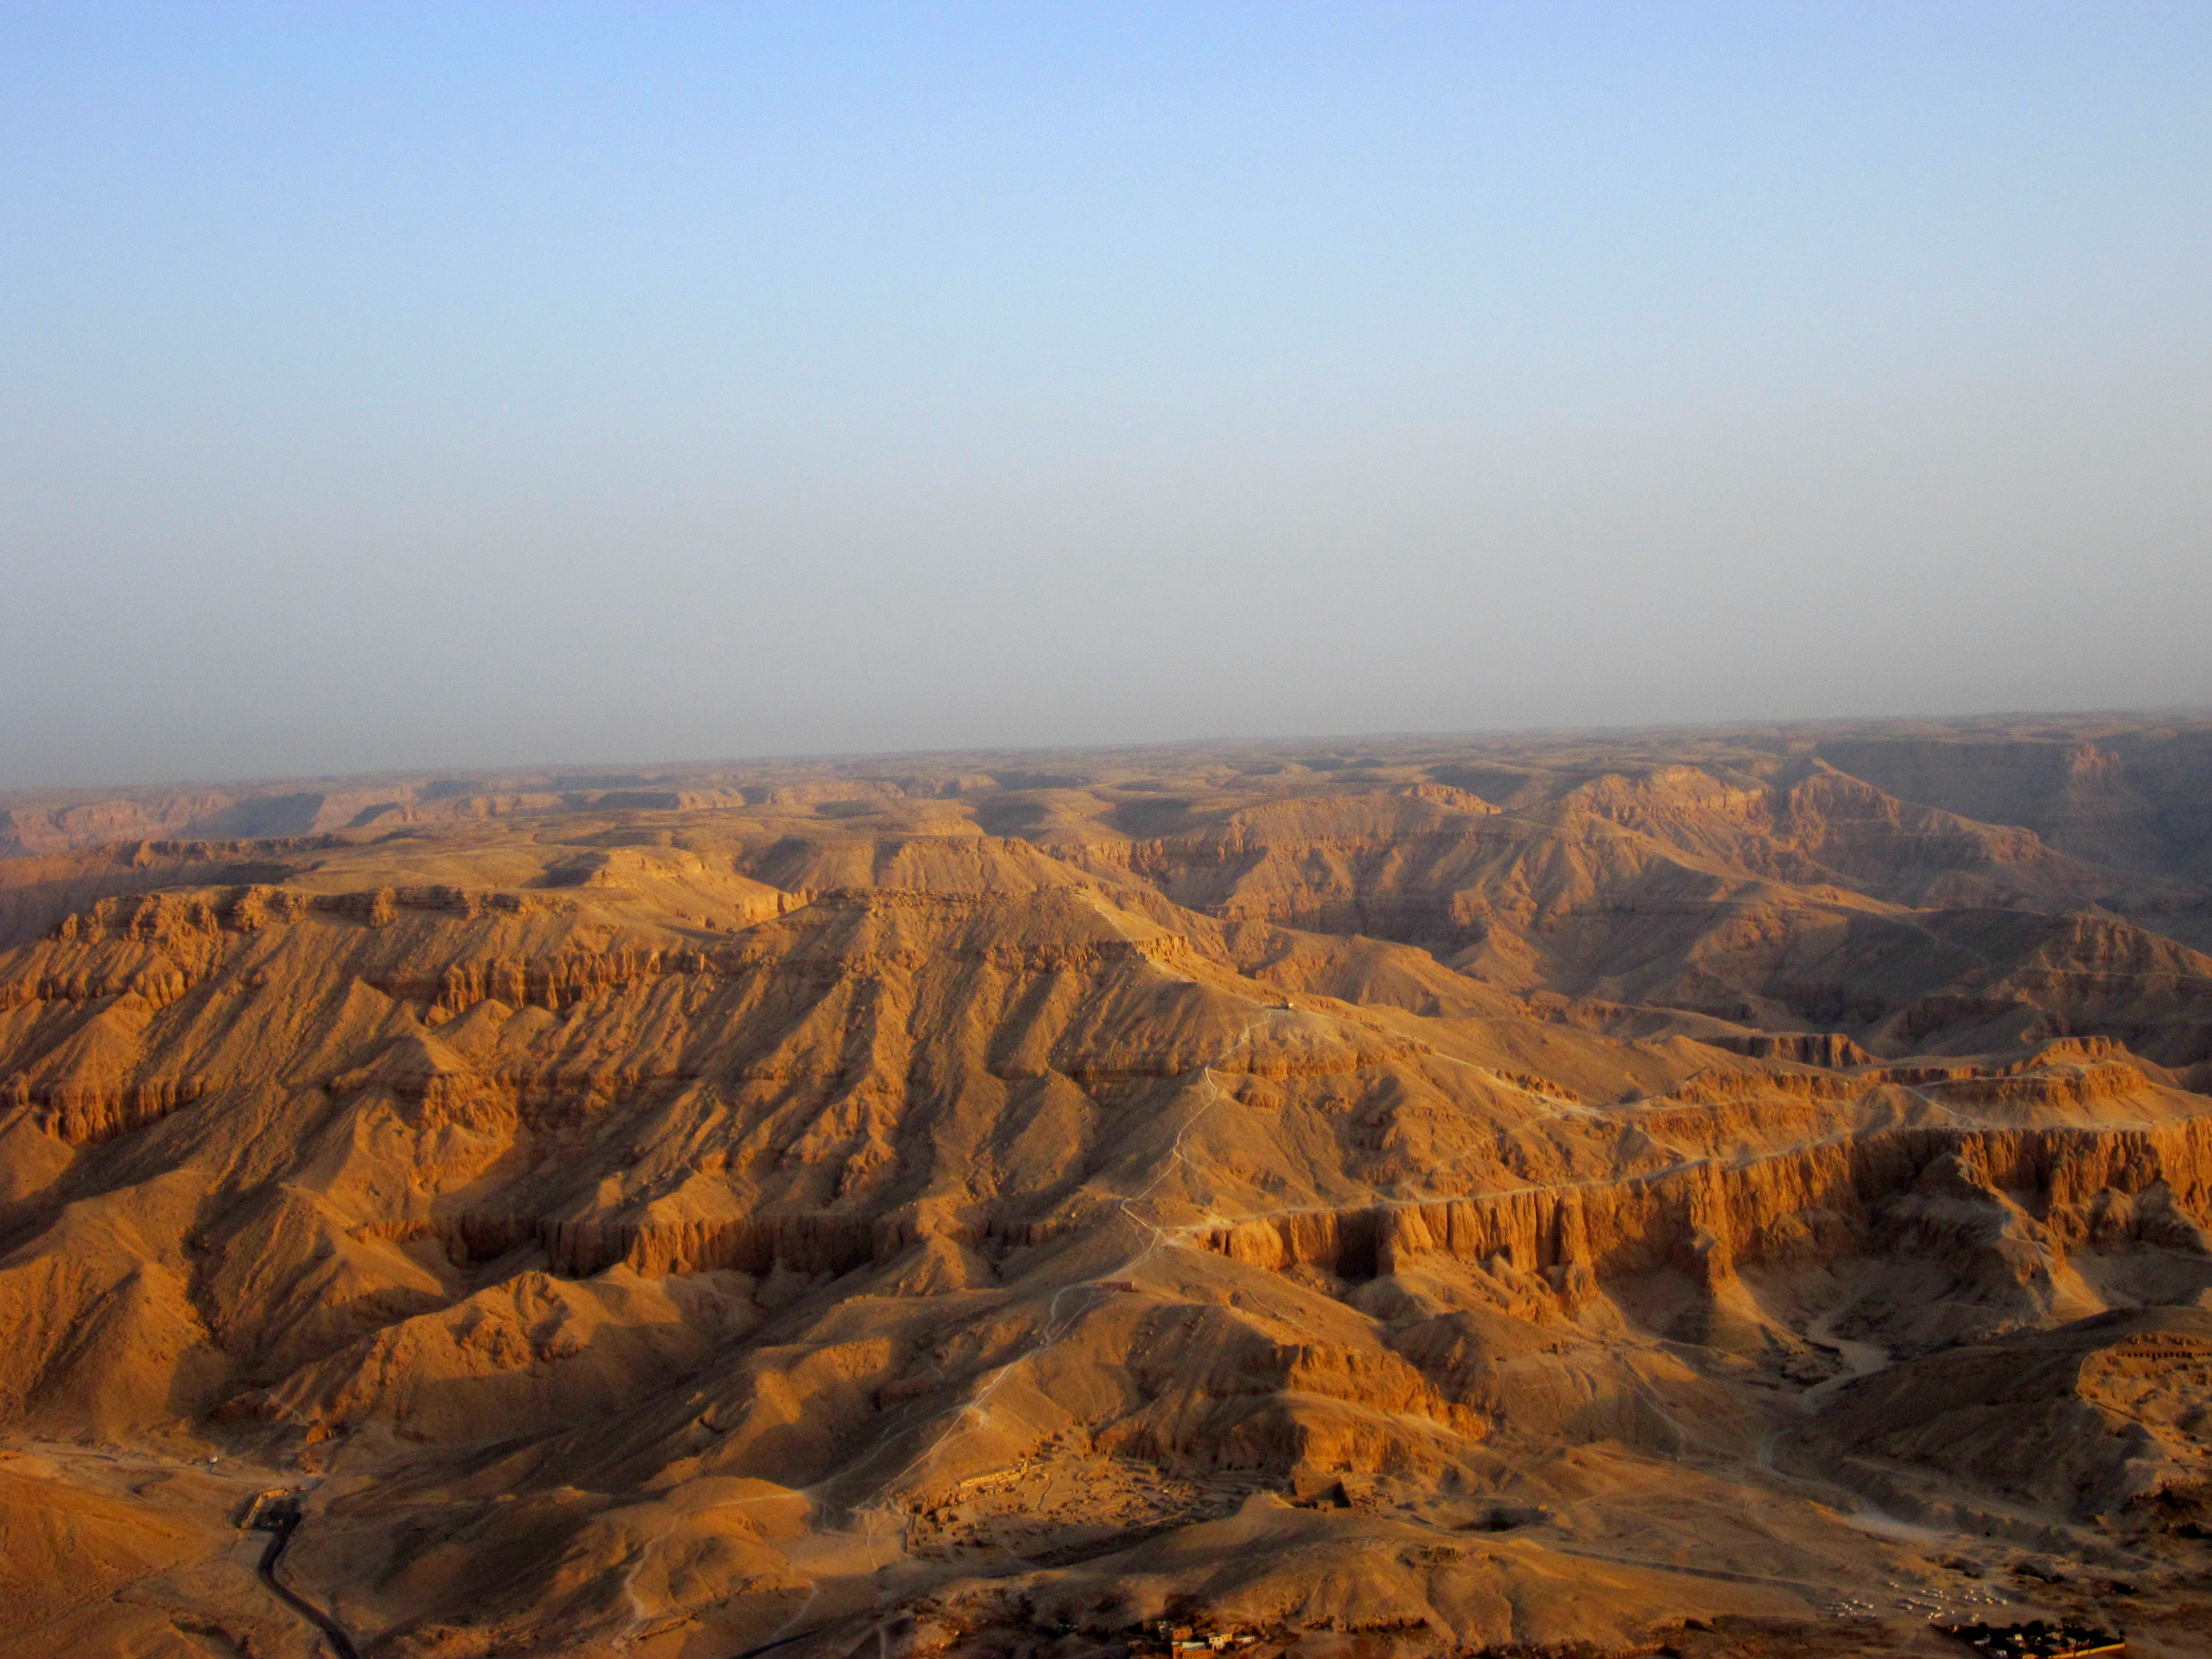 #egypt #egypttourism #Luxor #Luxortourism #Luxorwestbank